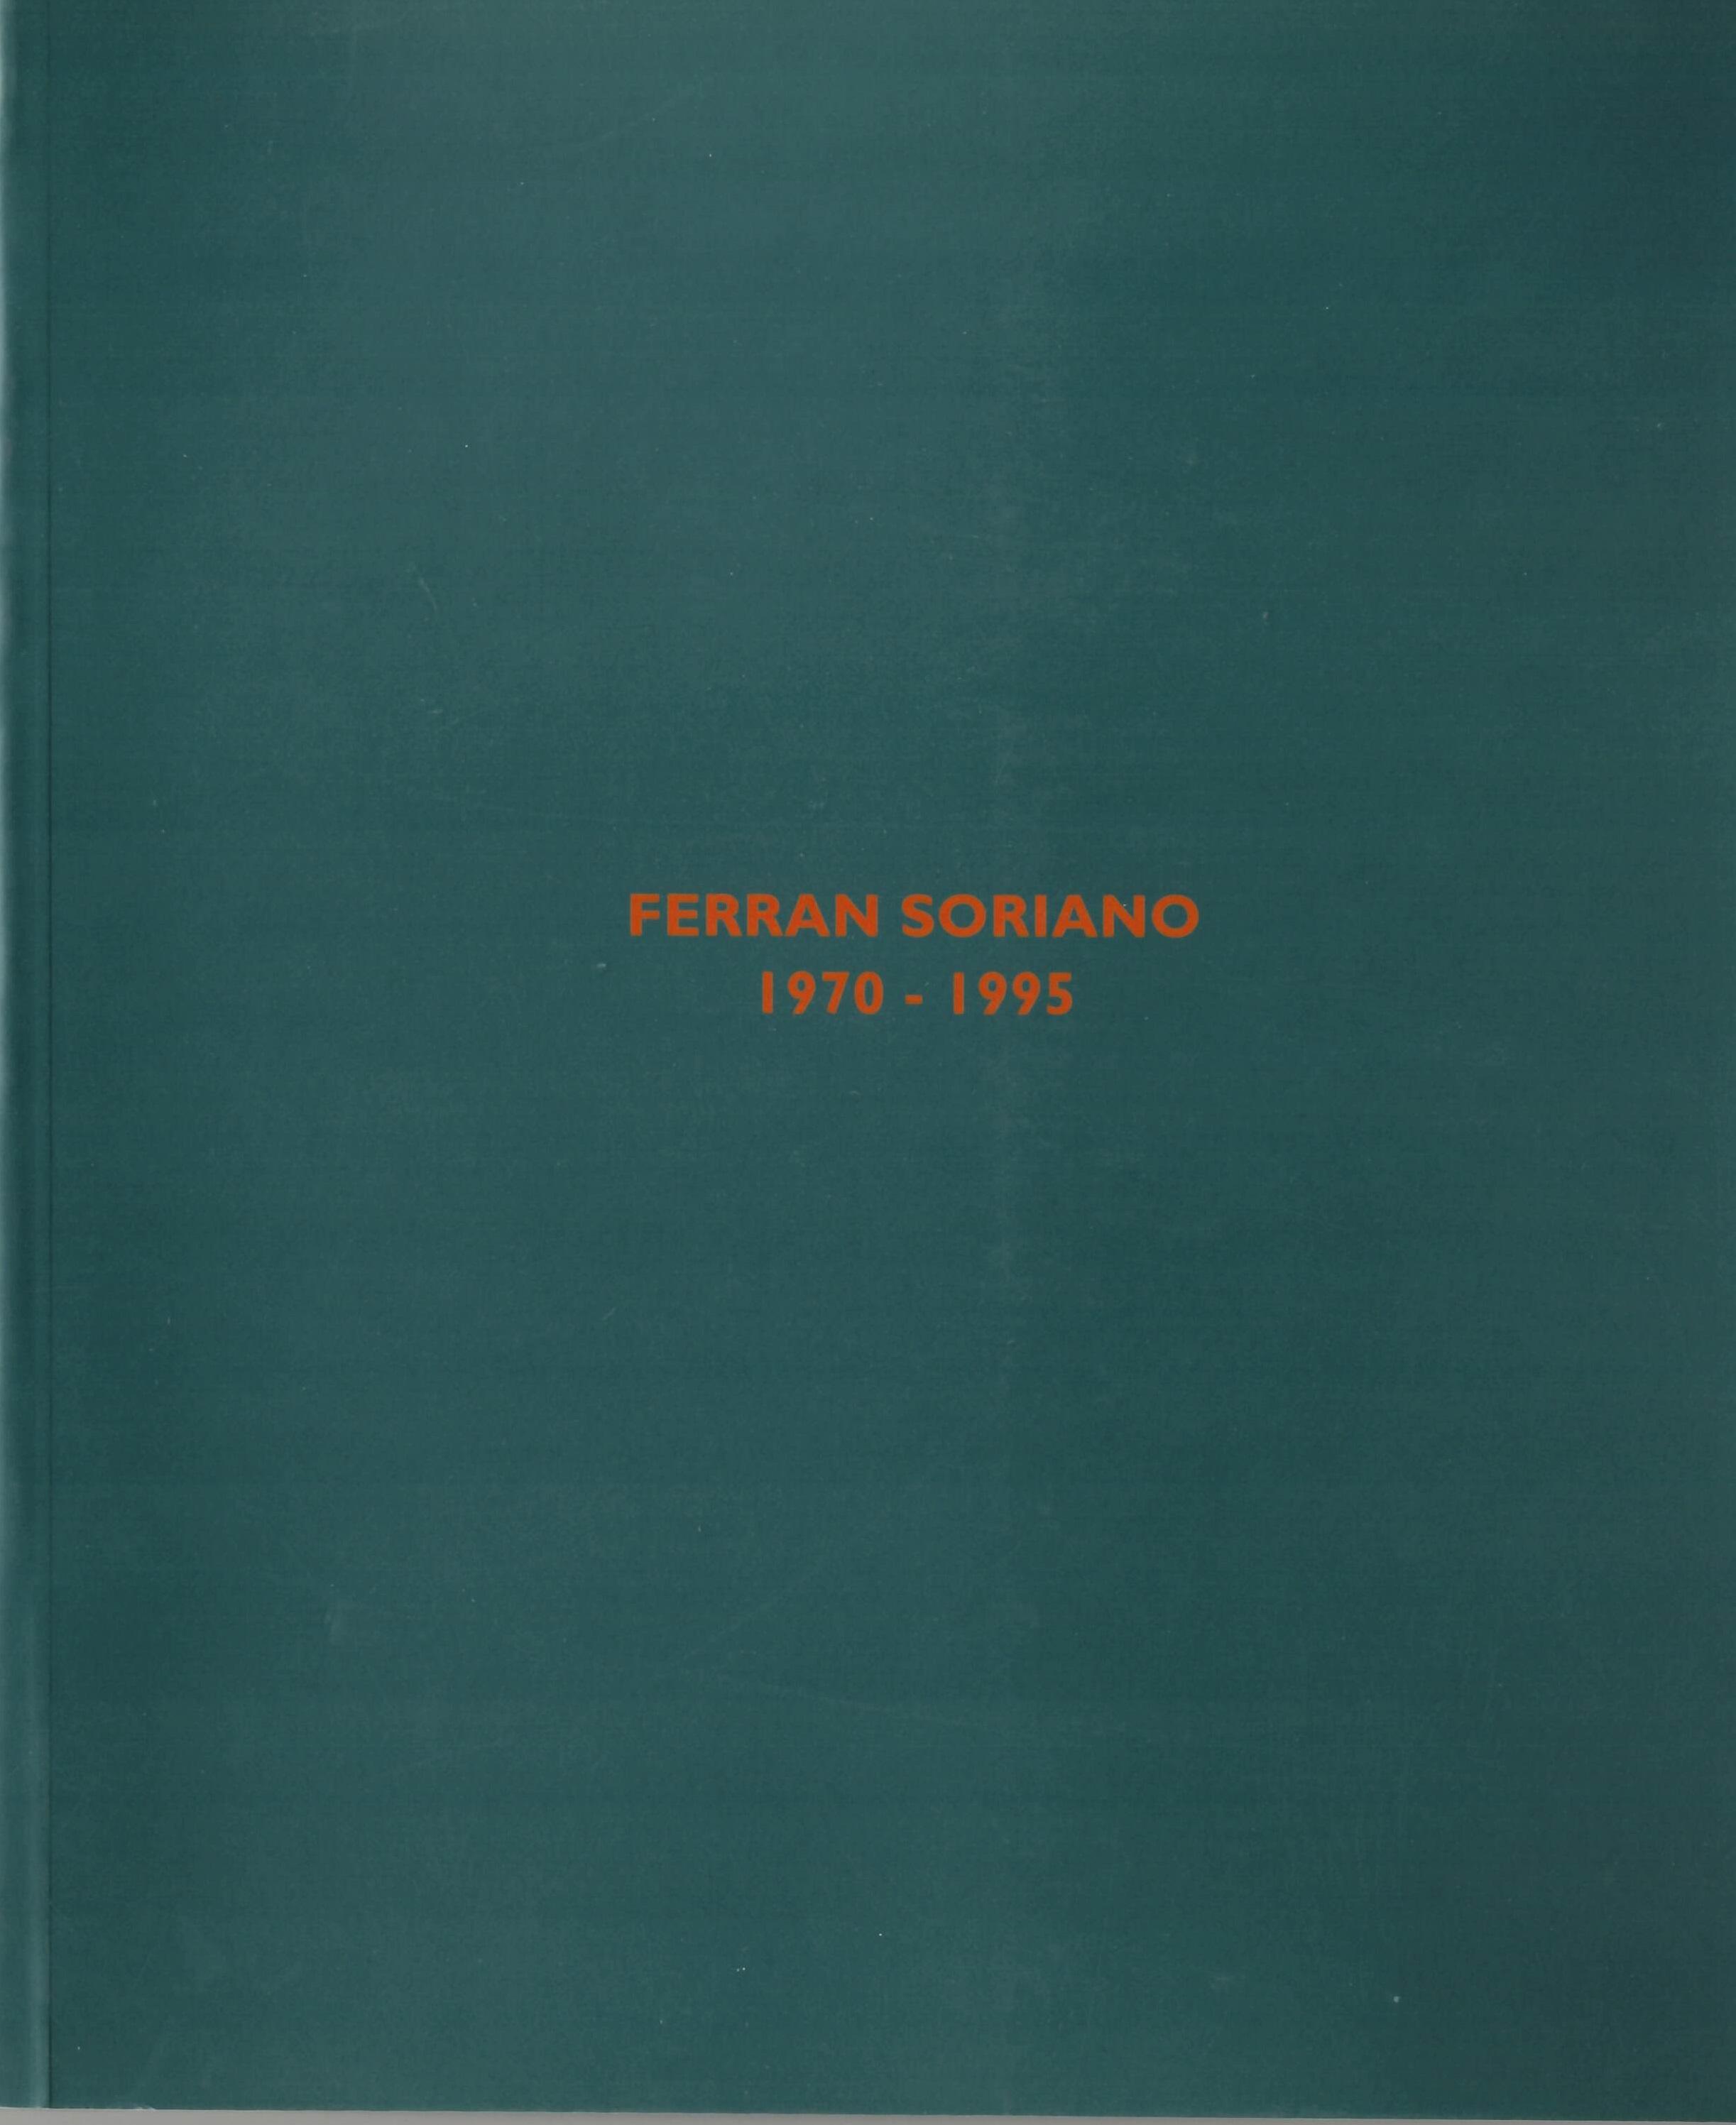 Ferran Soriano. 1970-1995